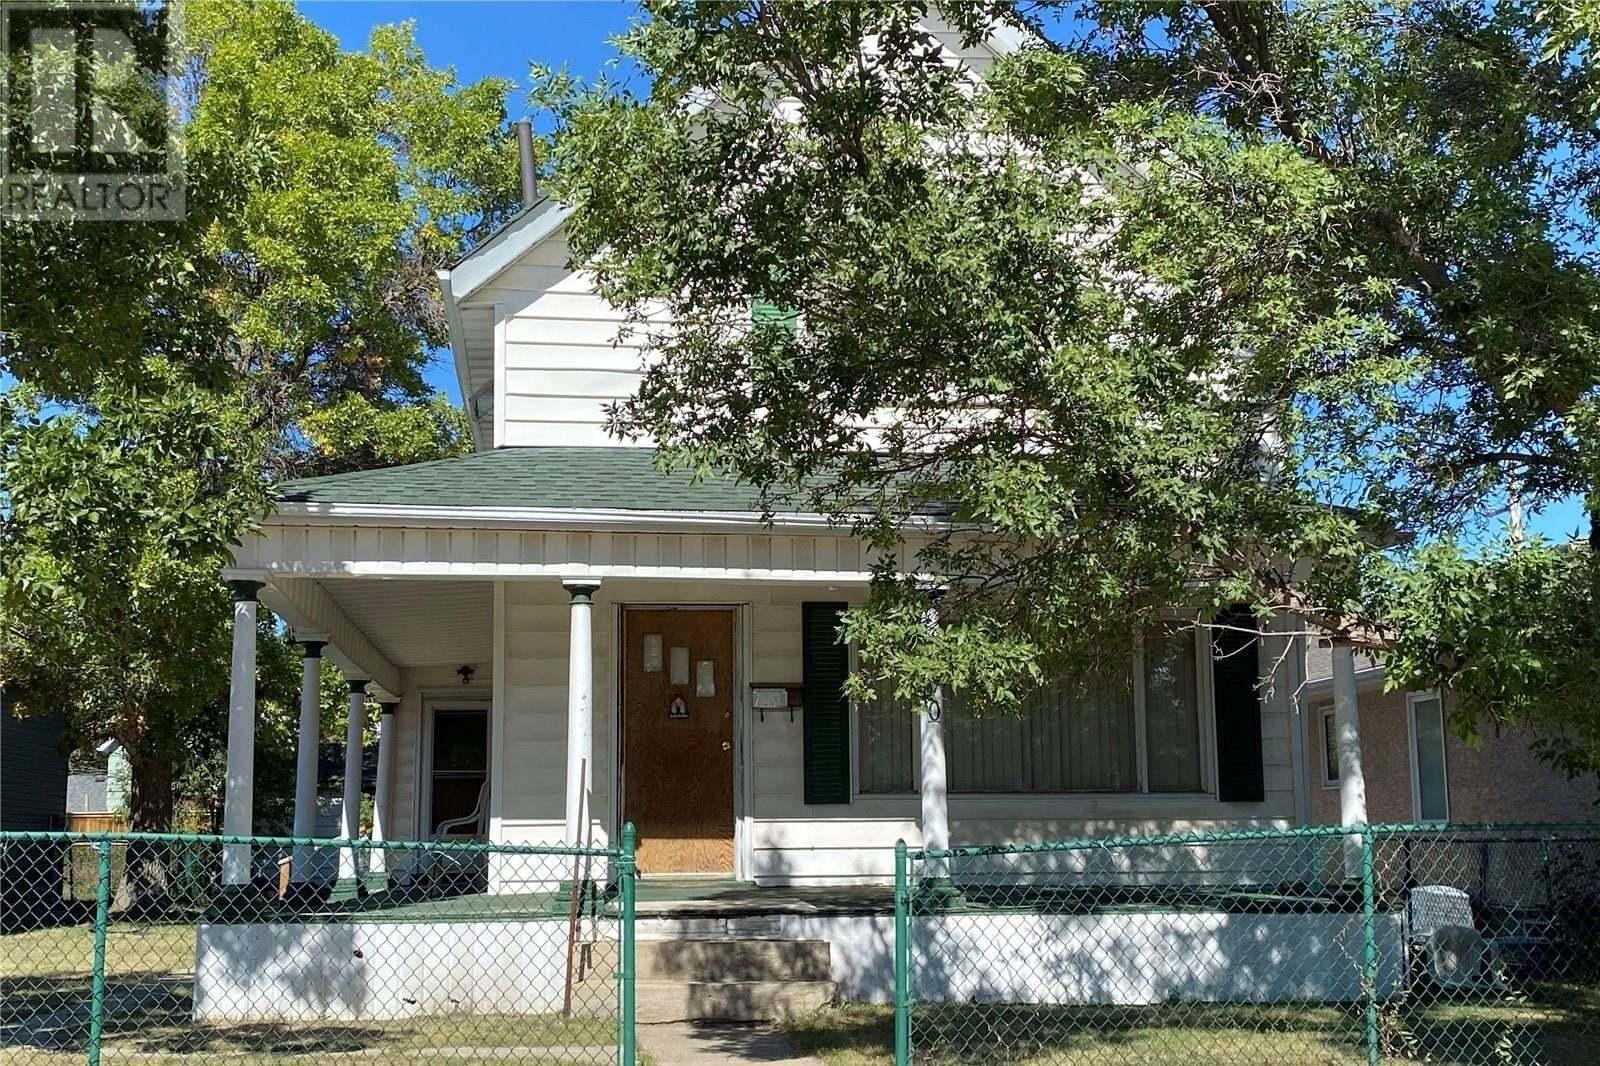 House for sale at 270 River St E Moose Jaw Saskatchewan - MLS: SK826694